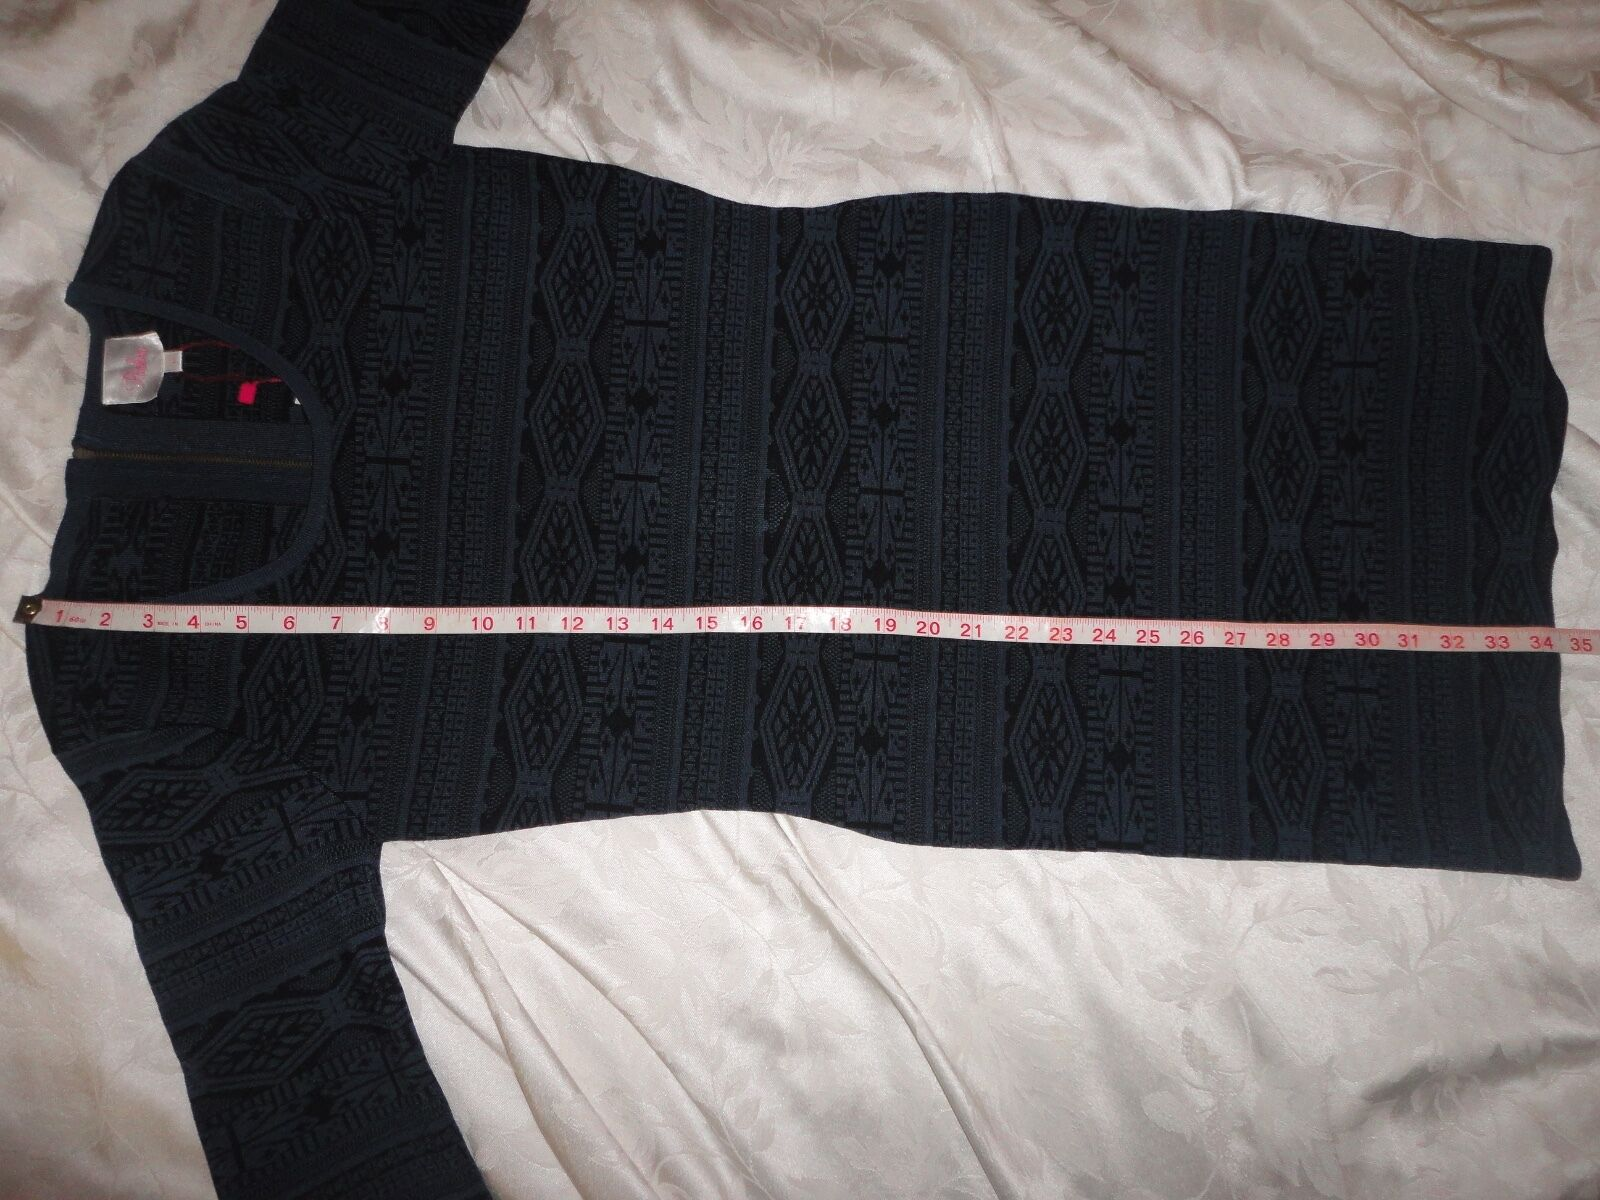 Parker KATRINA knit knit knit dress large L  352 new eclipse style PA08FA10 698027